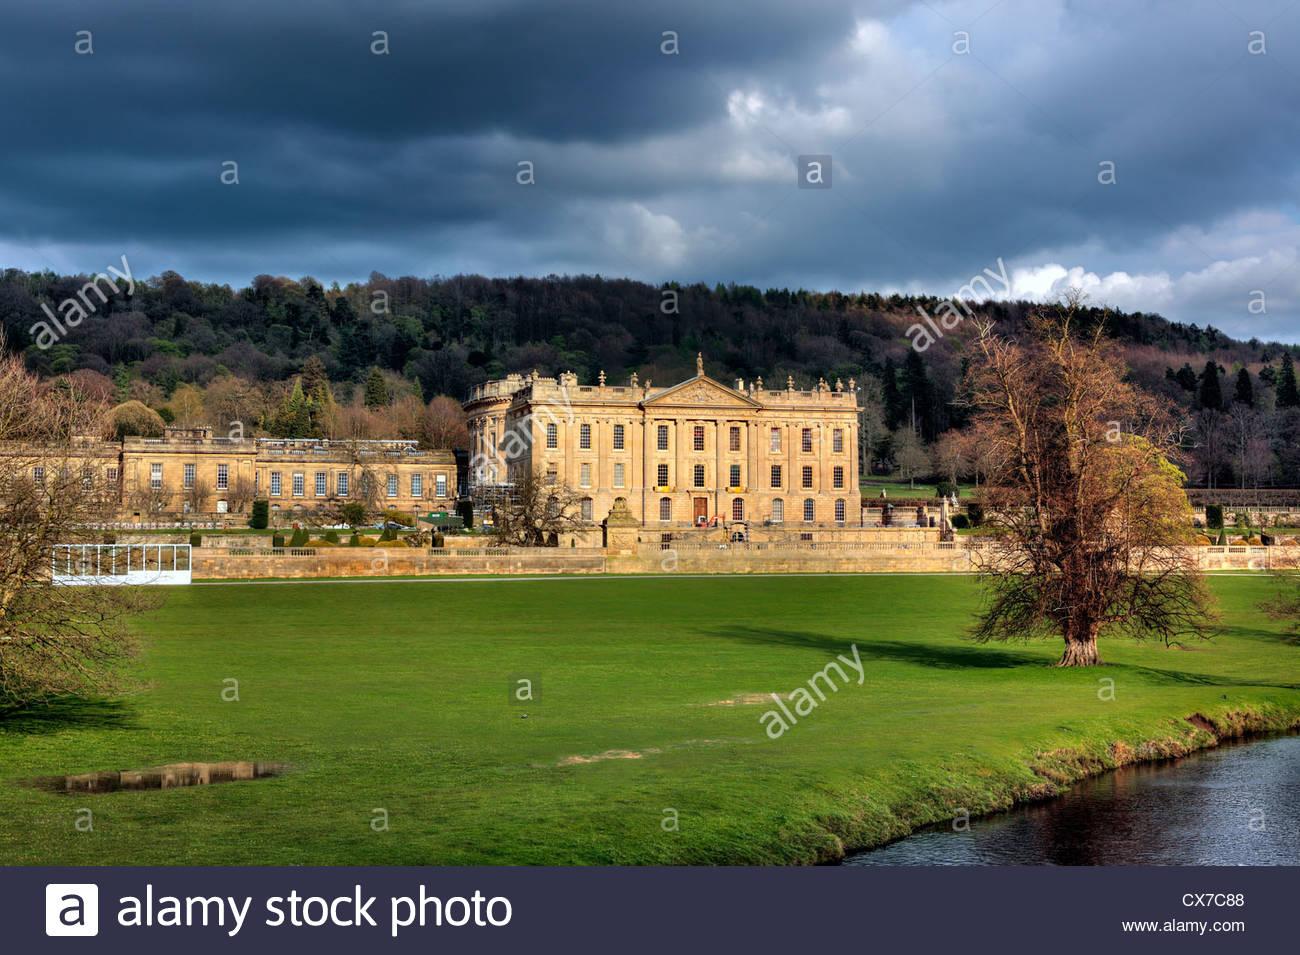 Chatsworth House, North Derbyshire, UK - Stock Image